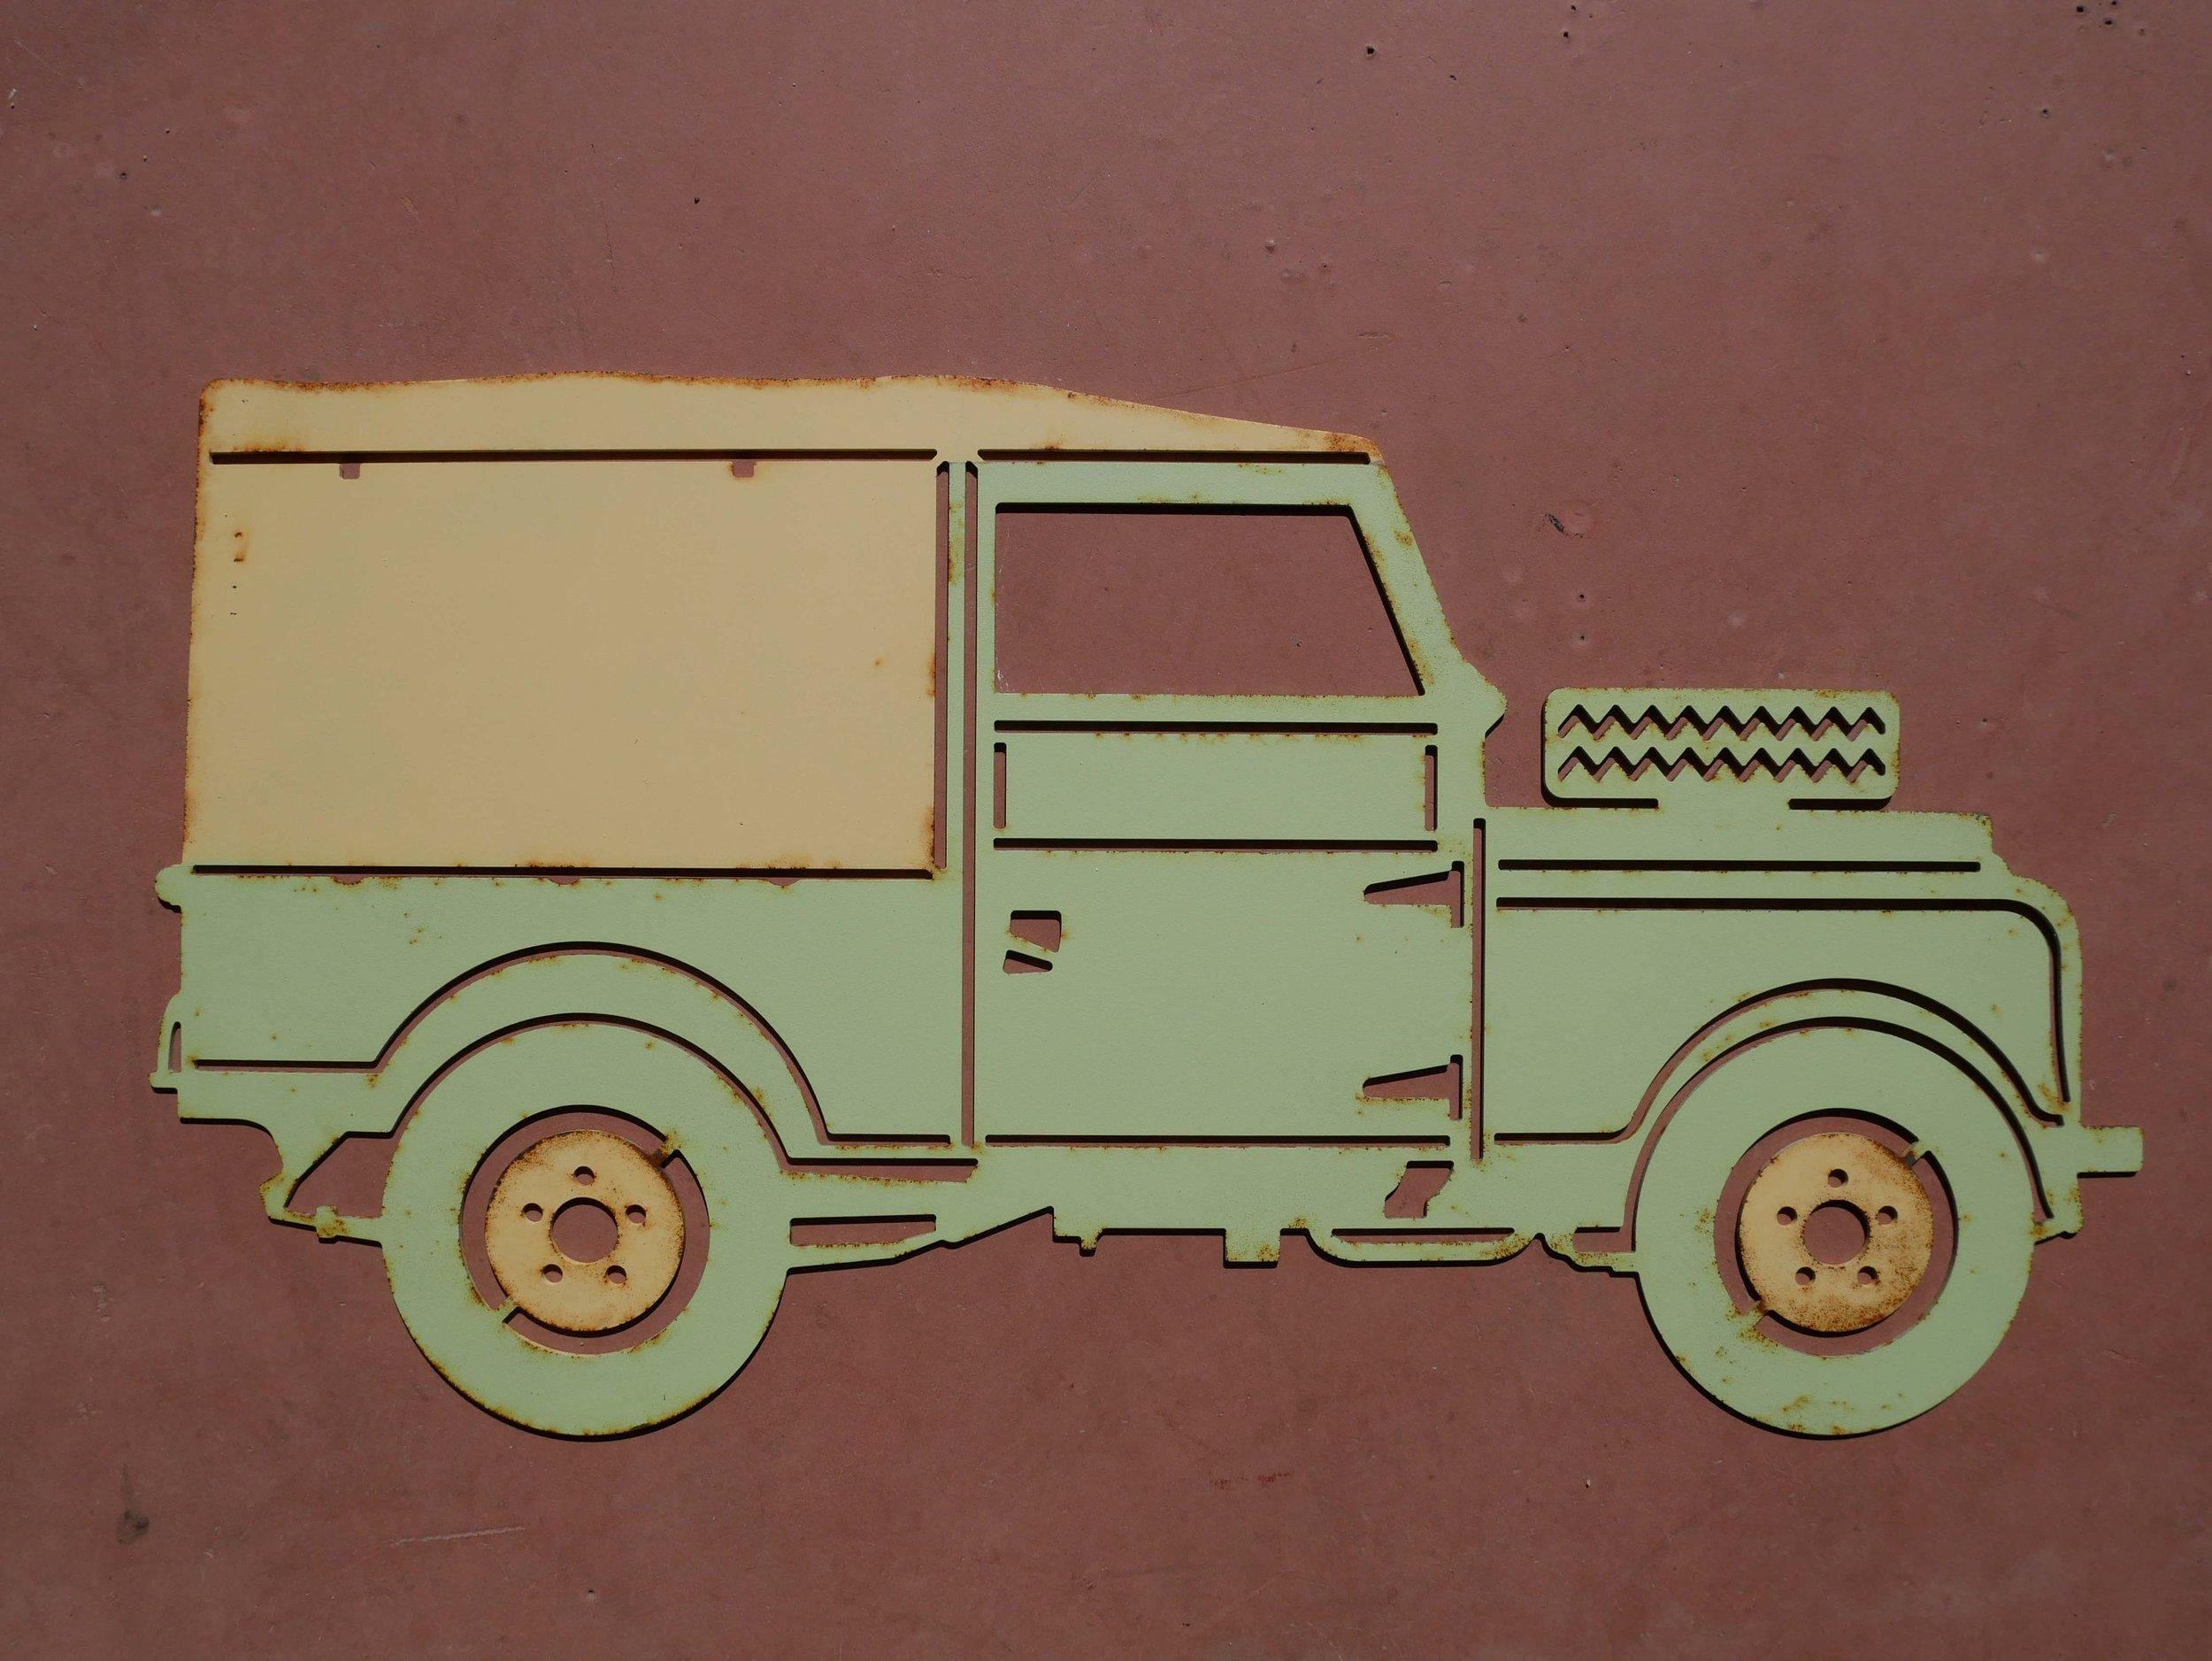 Récréa_profil véhicule_land_rover S1_01.jpg